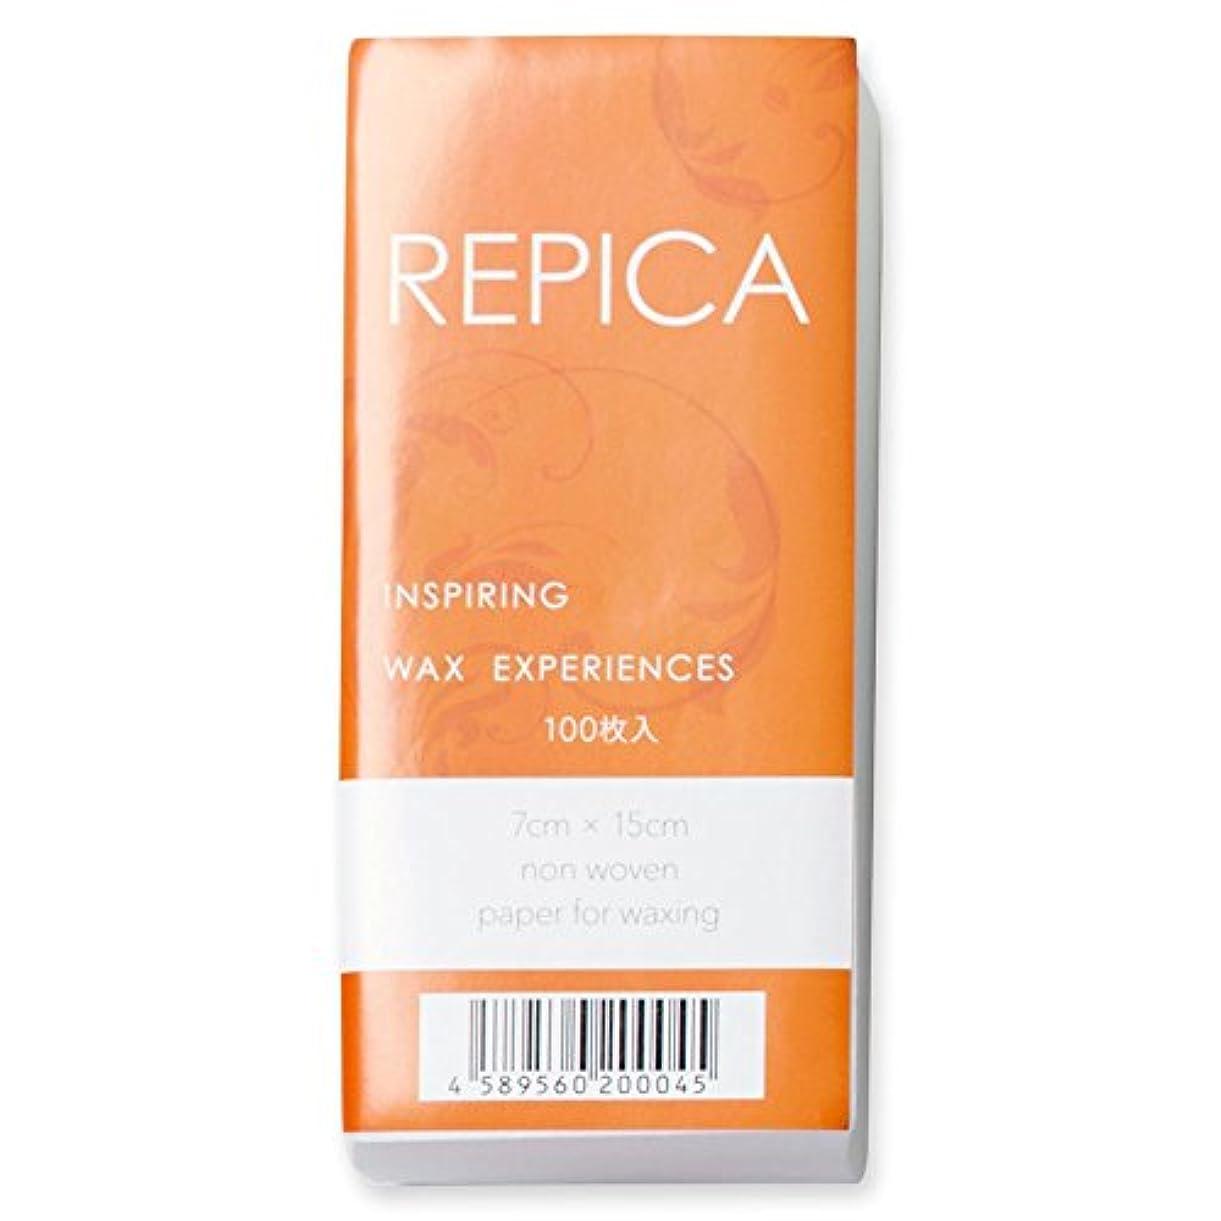 浴ラッカス効率的にREPICA ブラジリアンワックス脱毛 カットペーパー Mサイズ100枚入り×1個 ワックス脱毛 ワックスシート ストリップシート